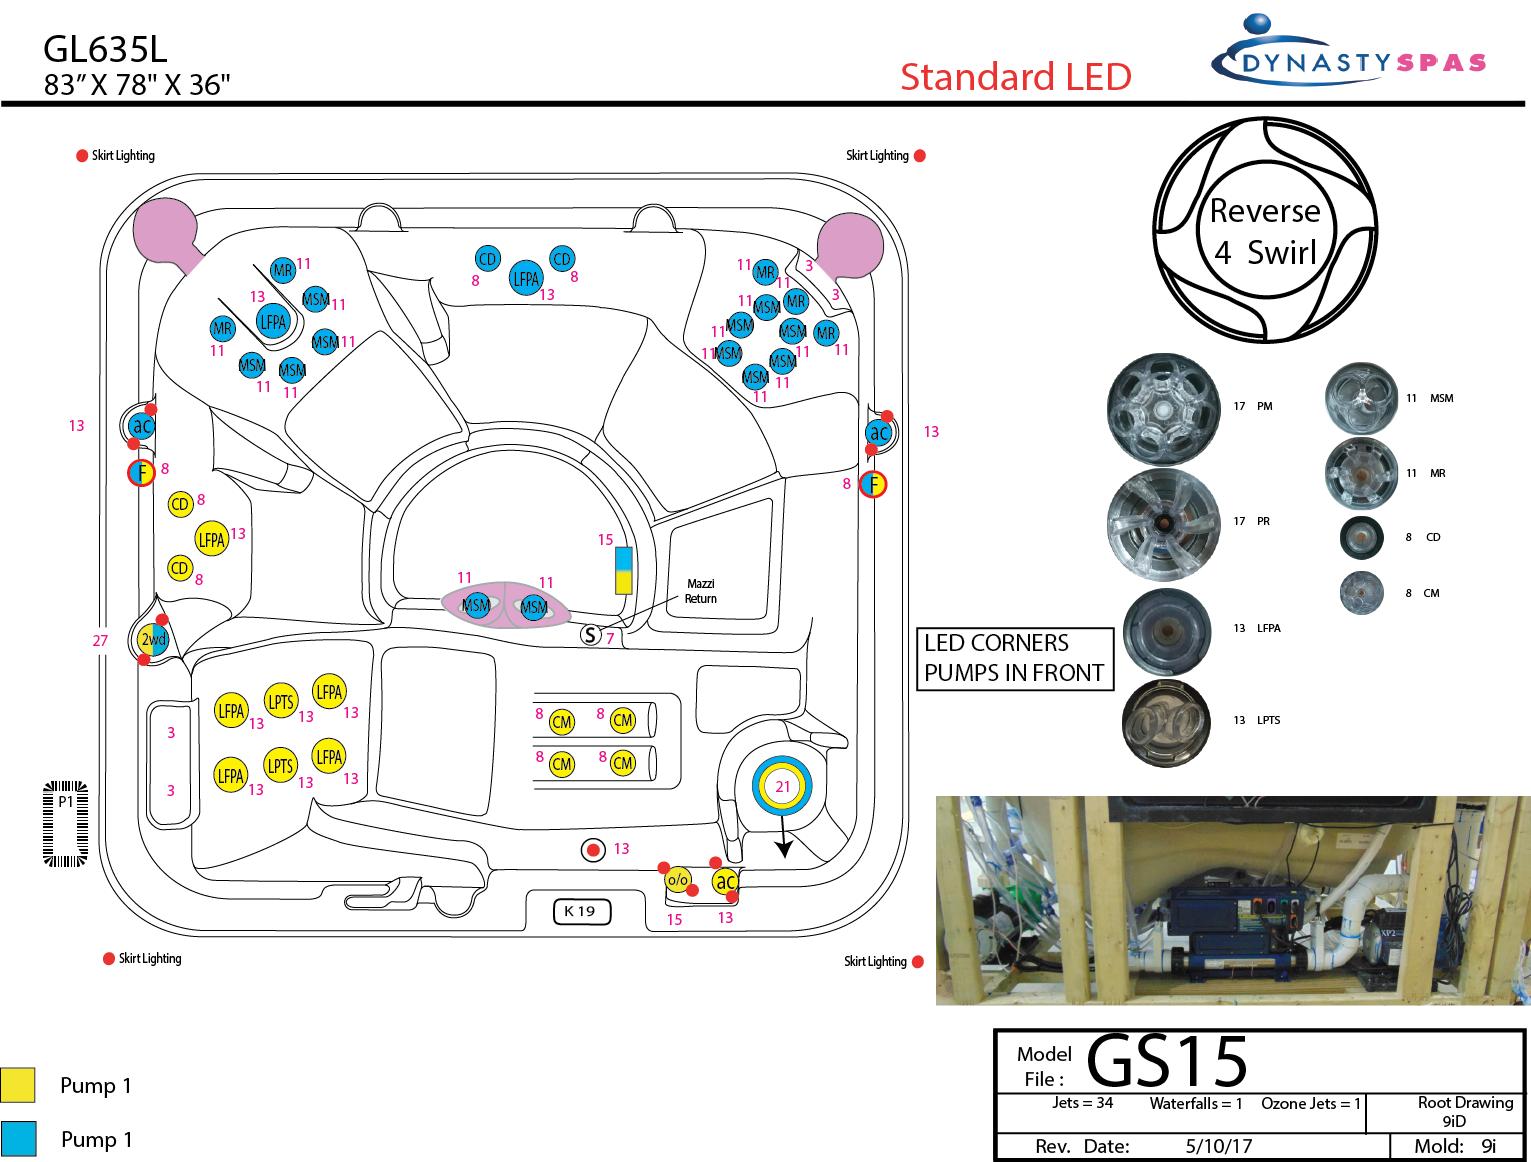 country leisure spas wiring diagram hot tub schematics #9